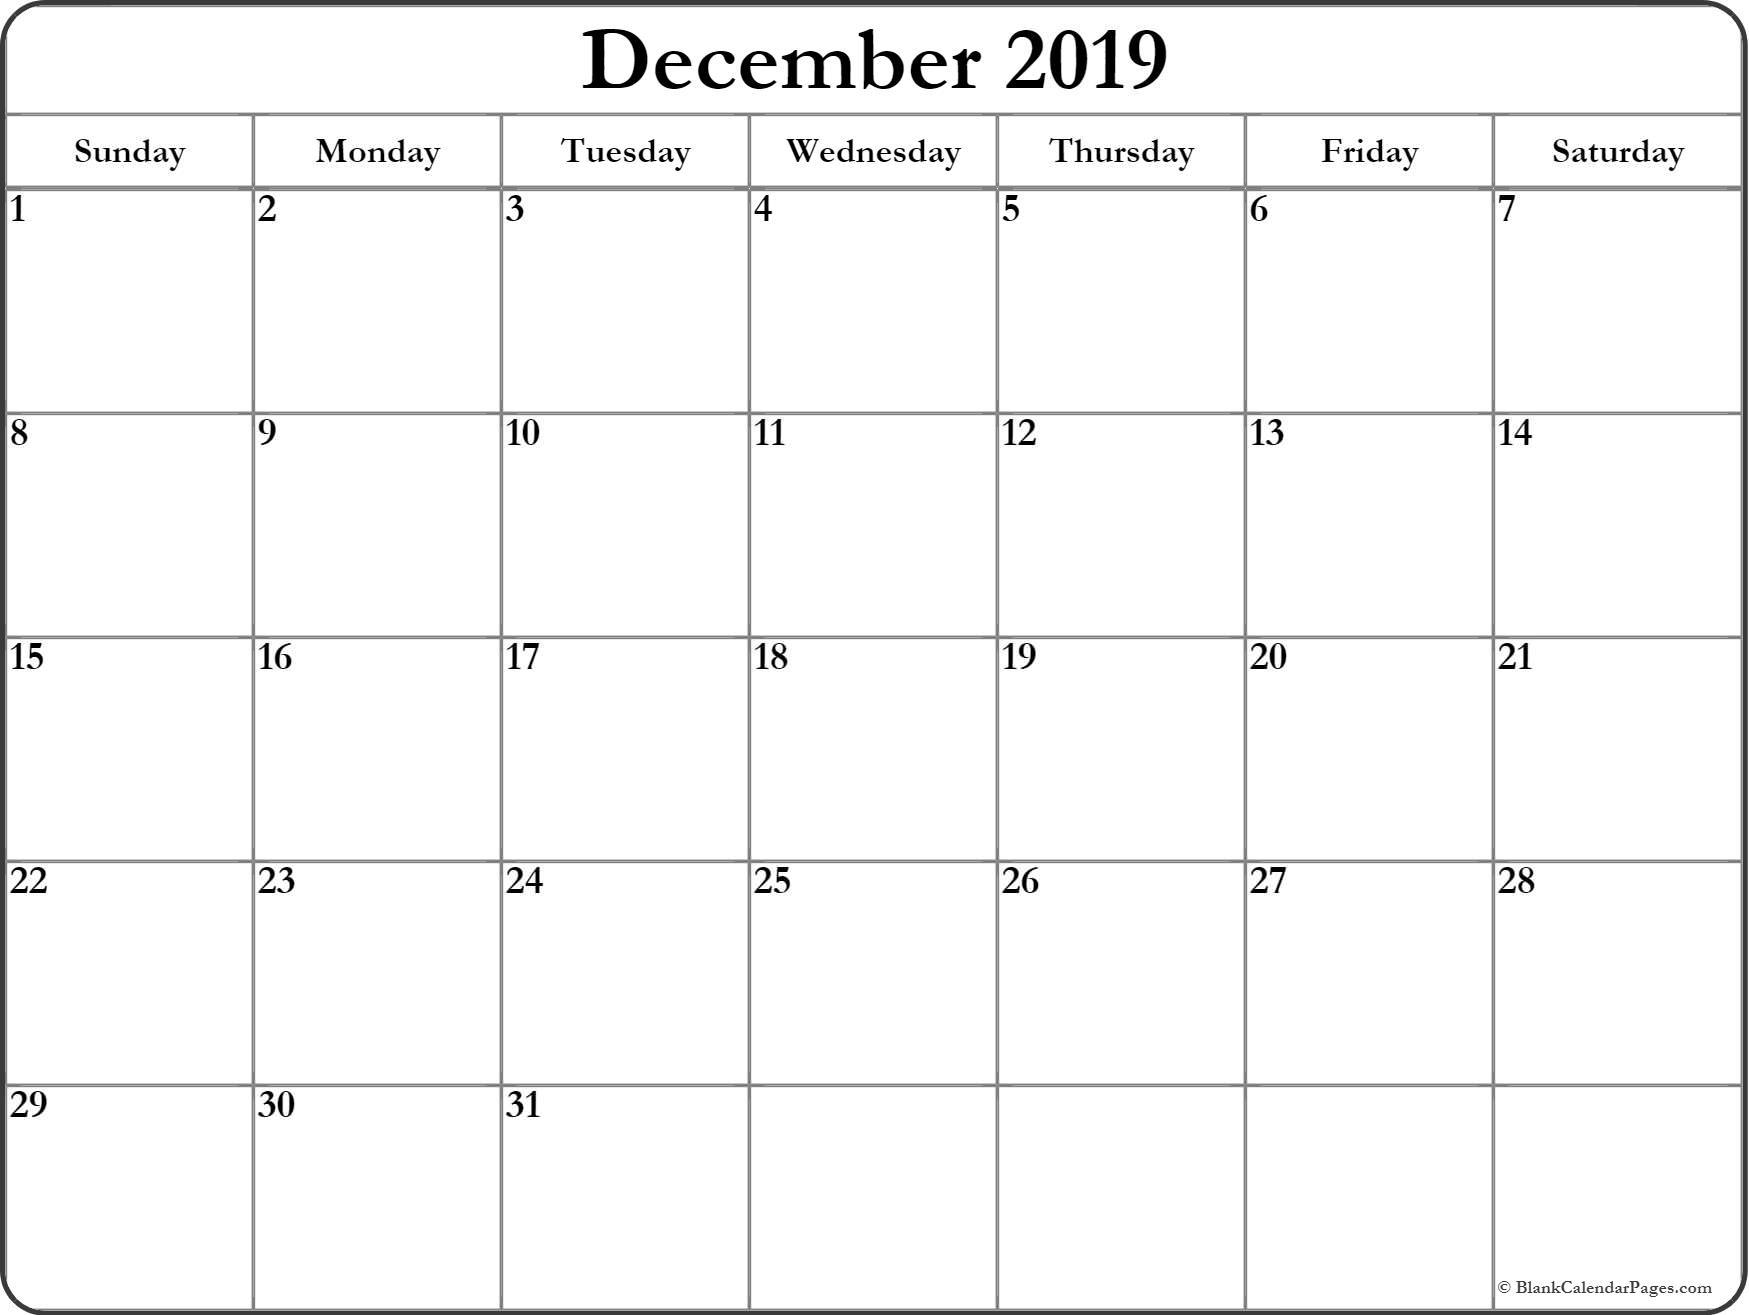 December 2019 Blank Calendar Printable Collection